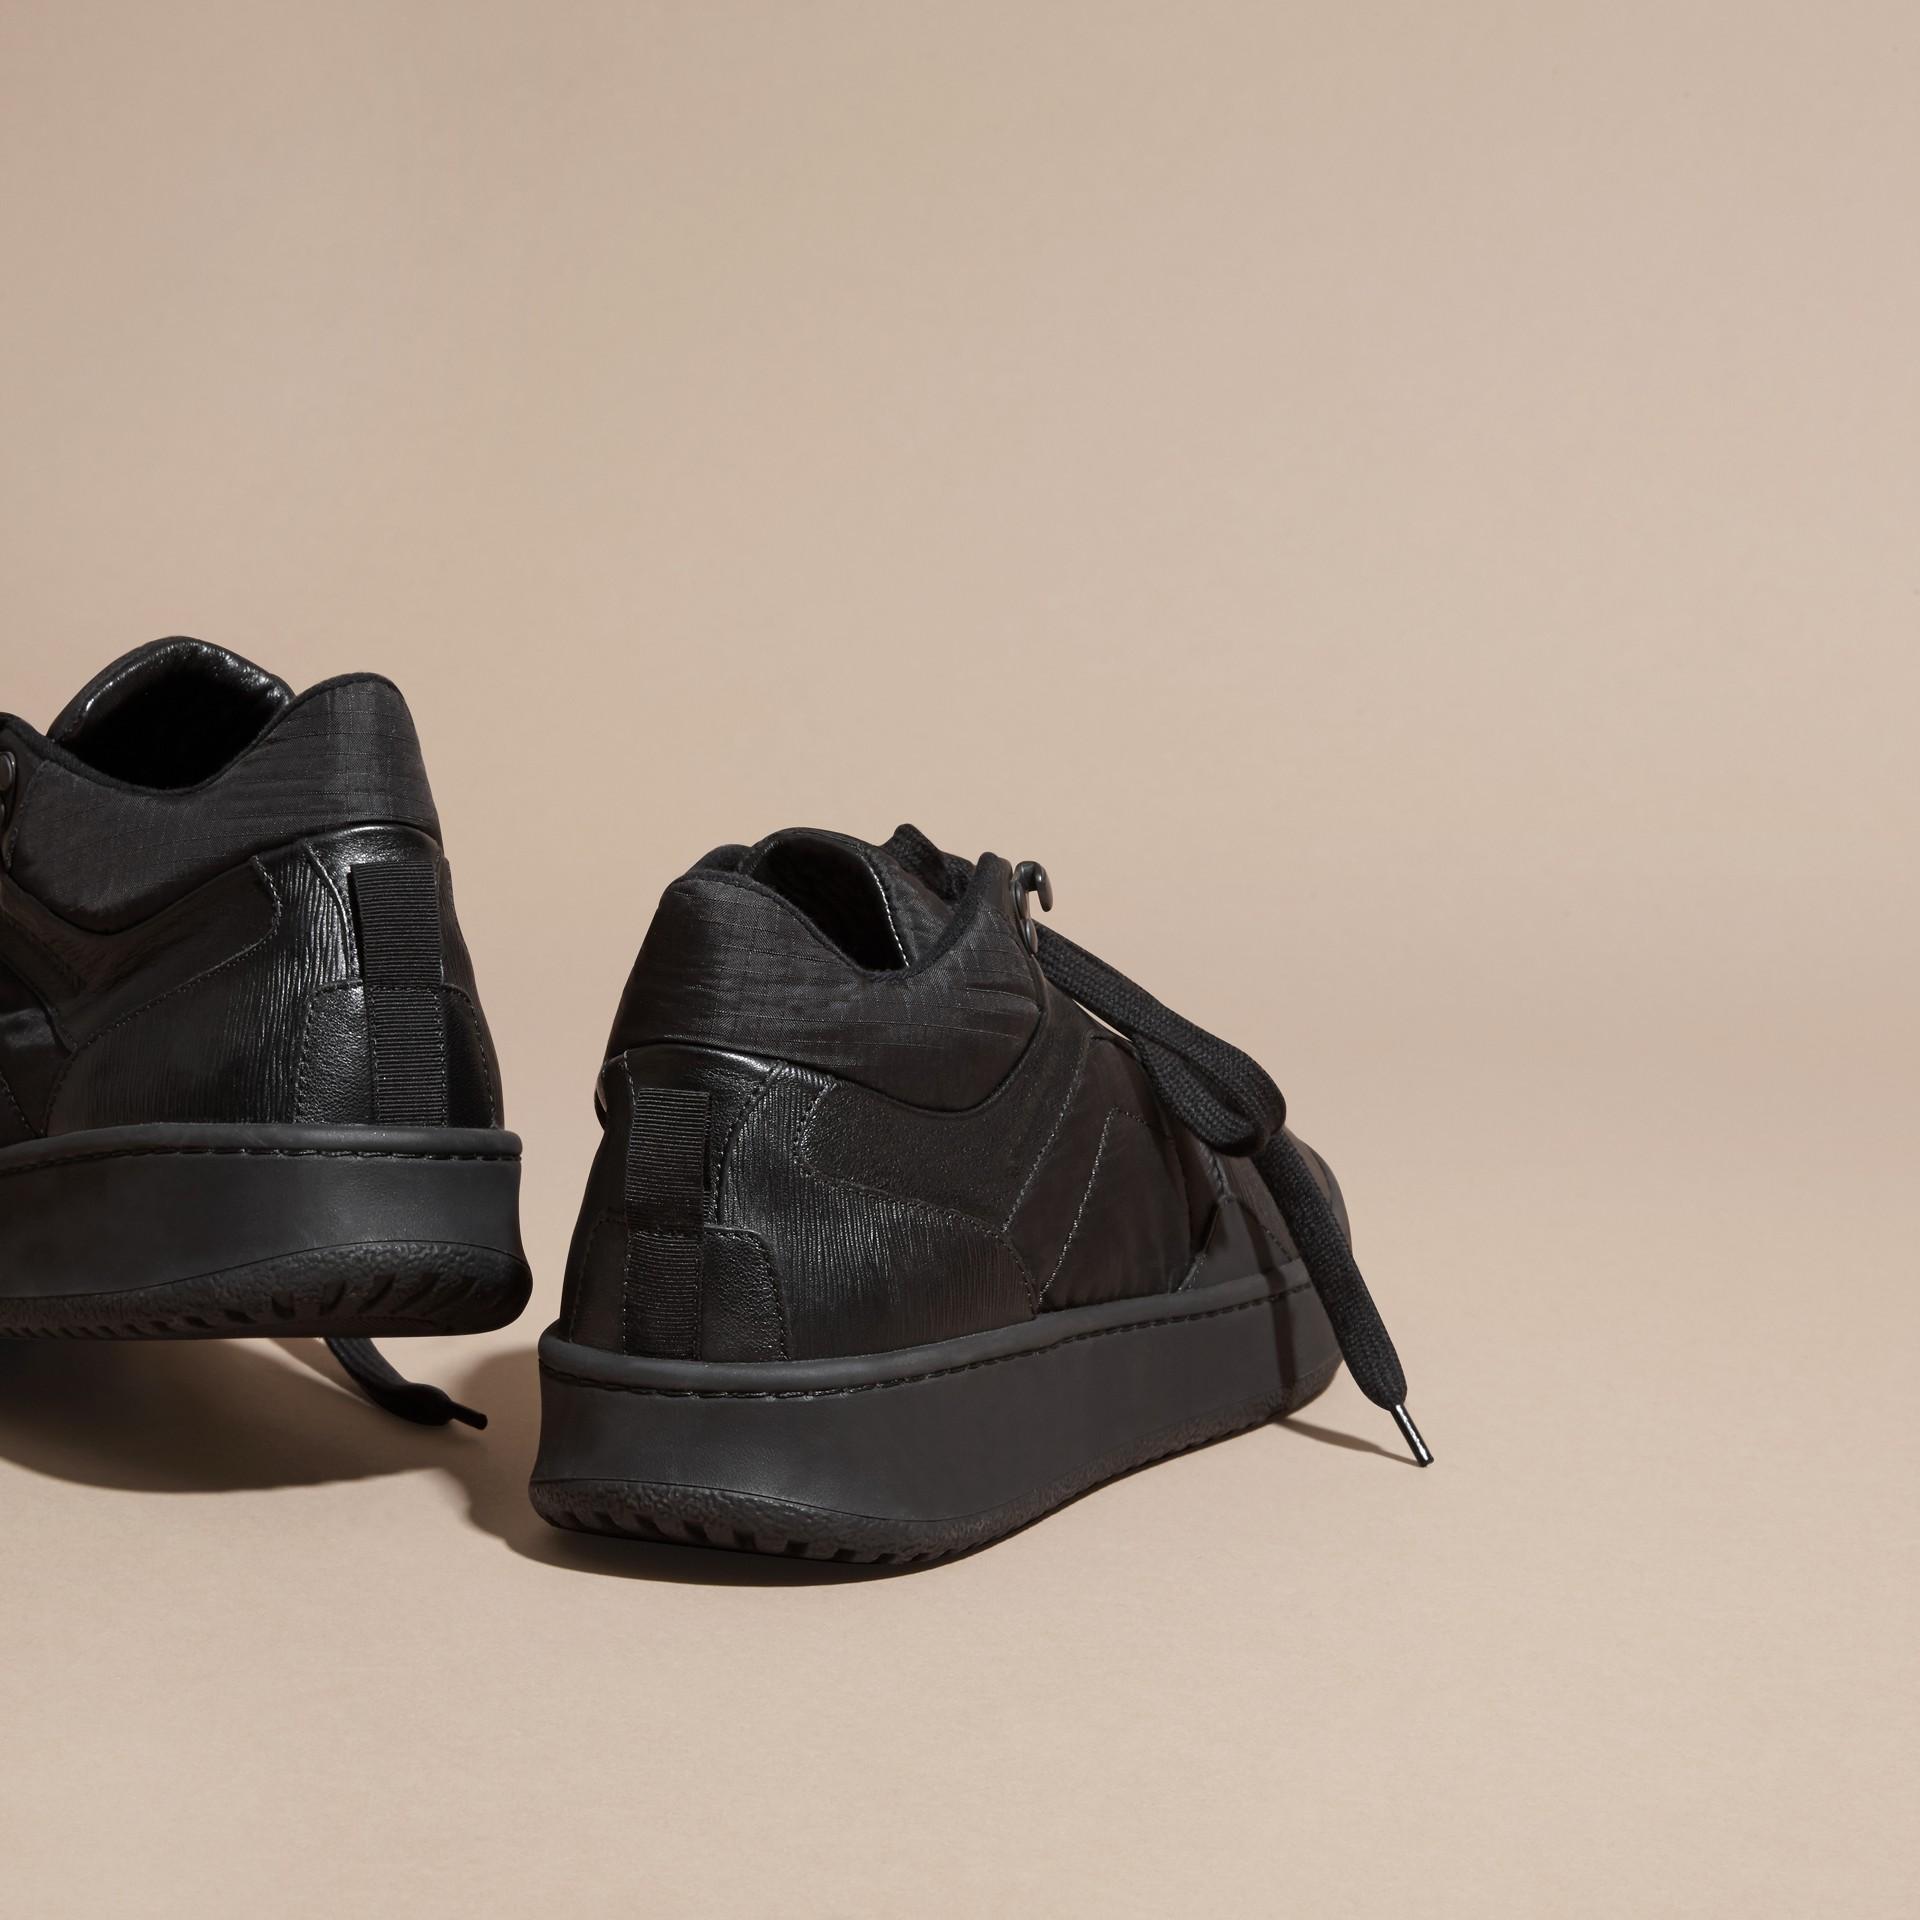 Nero Sneaker in pelle e tessuto antistrappo - immagine della galleria 4